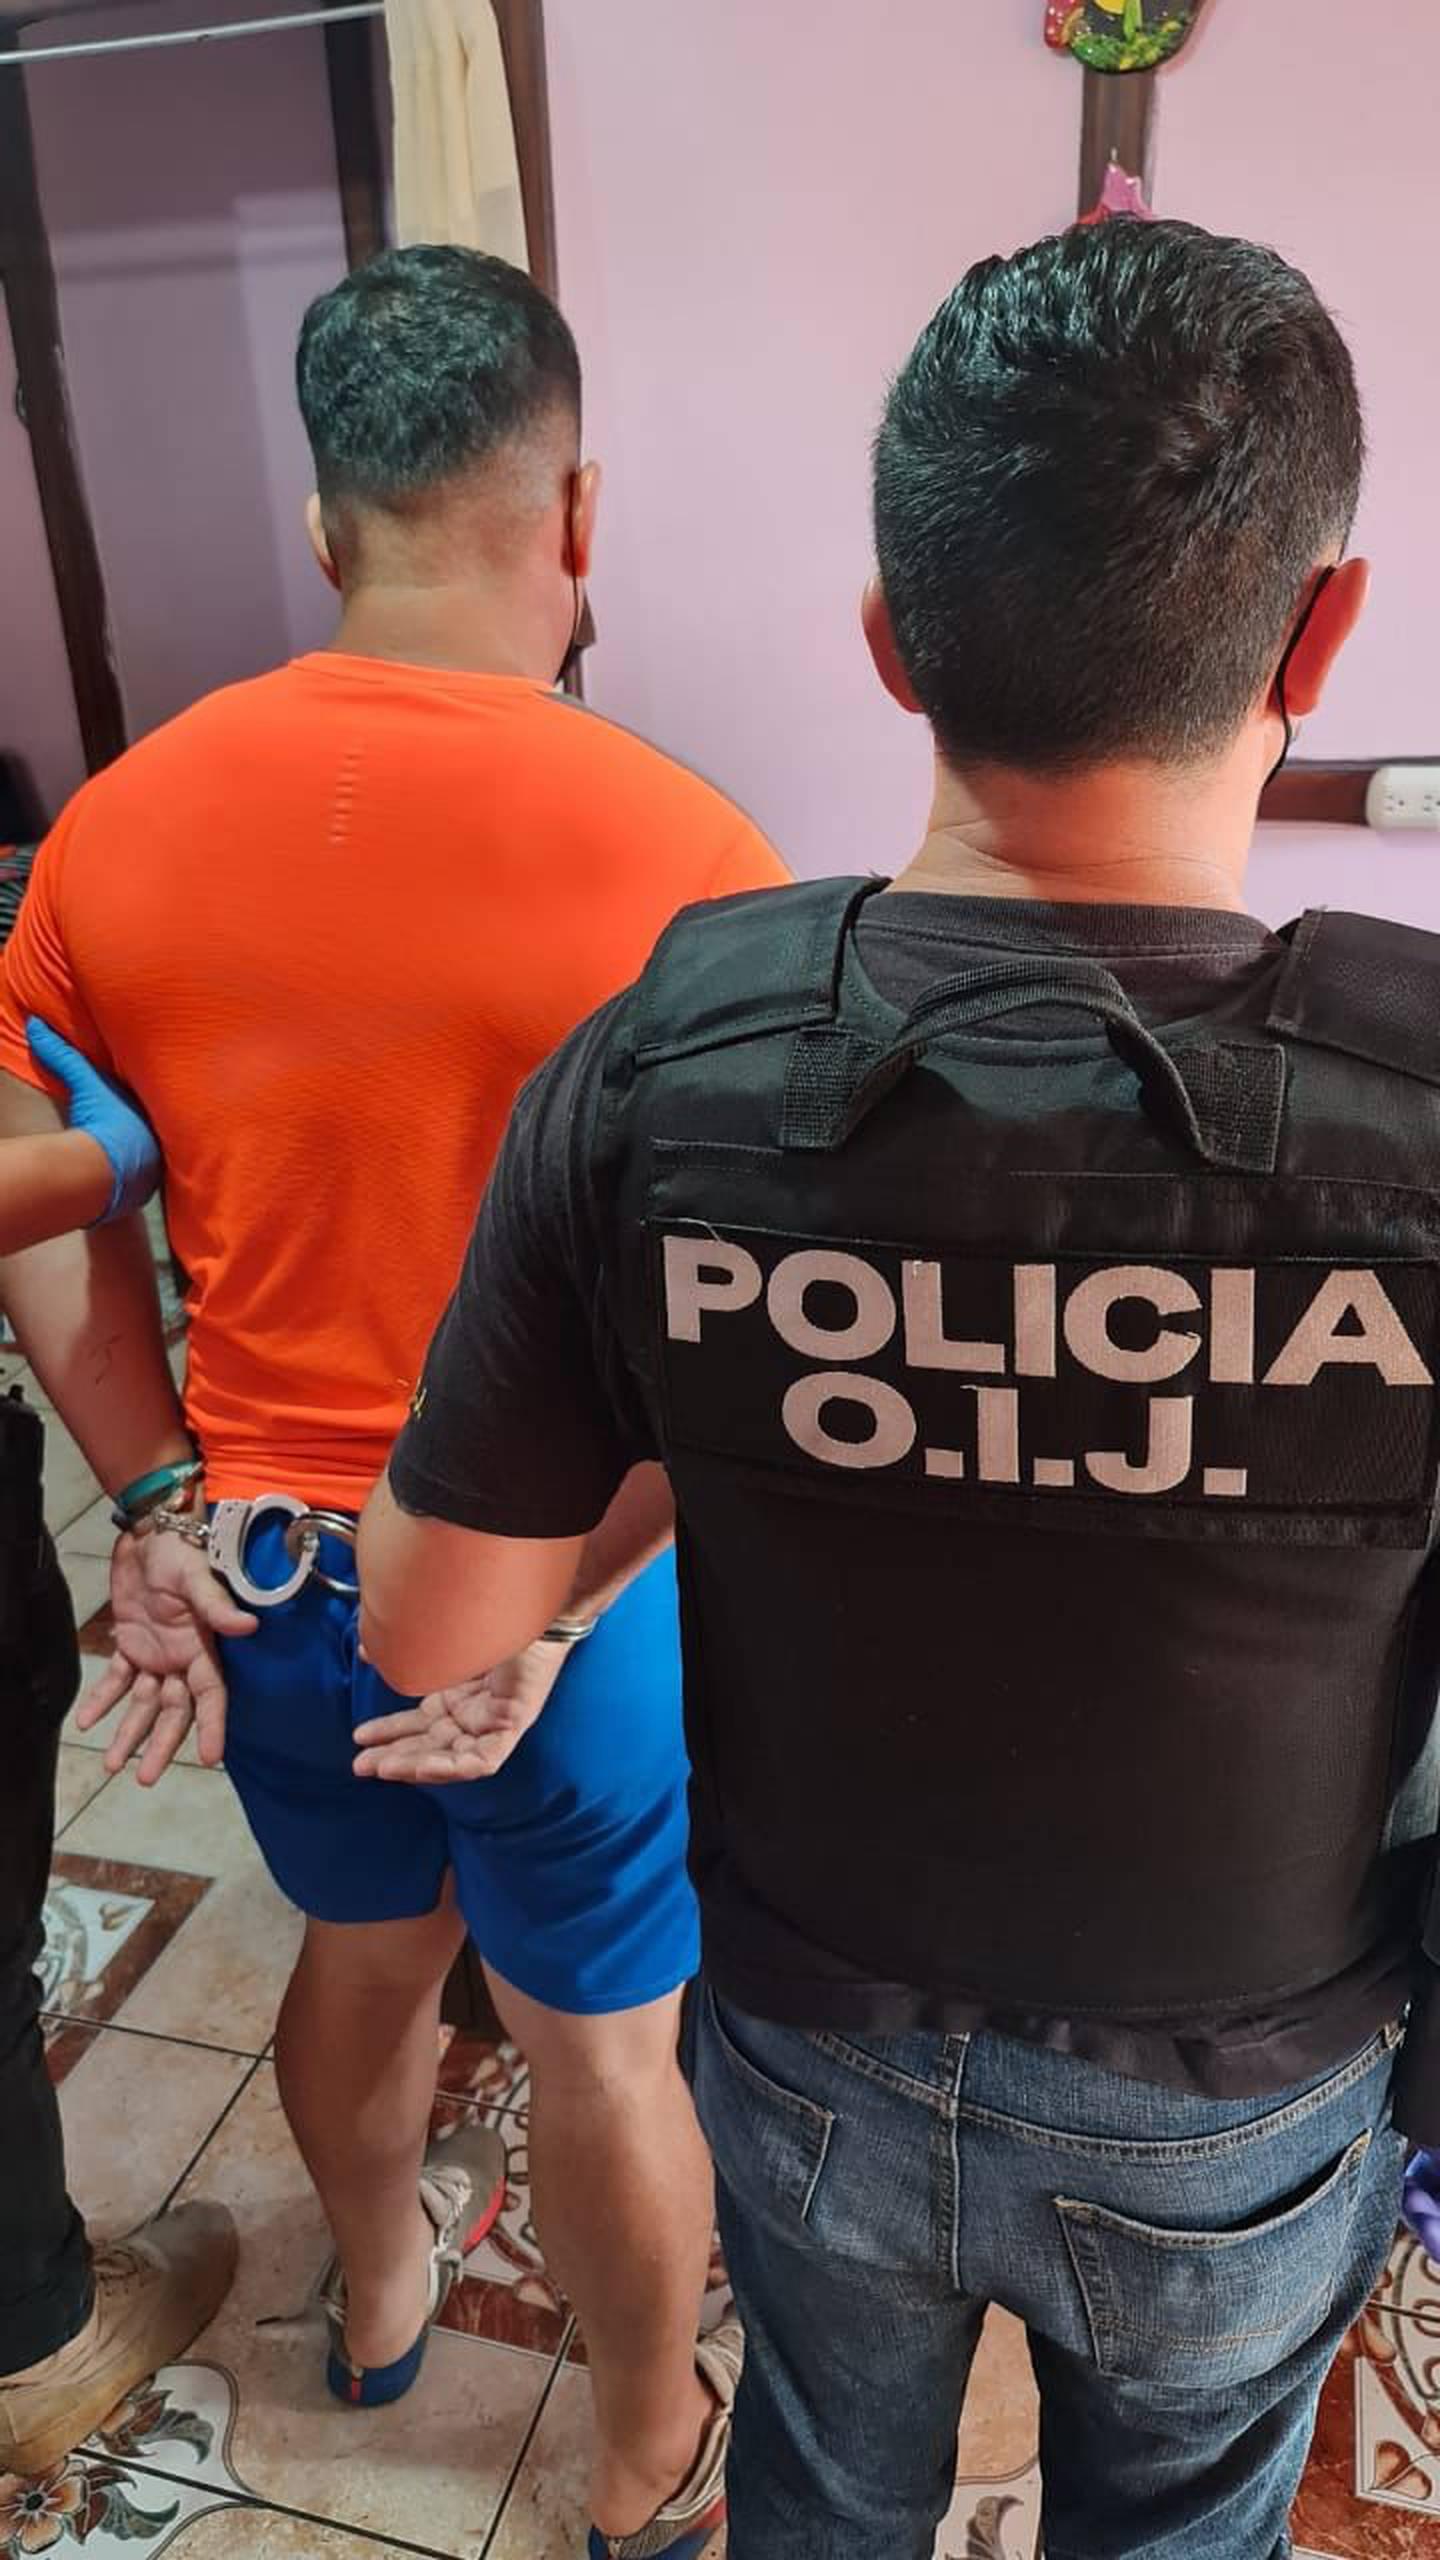 Se logró detener a 17 personas relacionadas con esta agrupación en Osa, Corredores, Guanacaste, Pérez Zeledón y Limón, entre otros.  Foto: Cortesía OIJ.